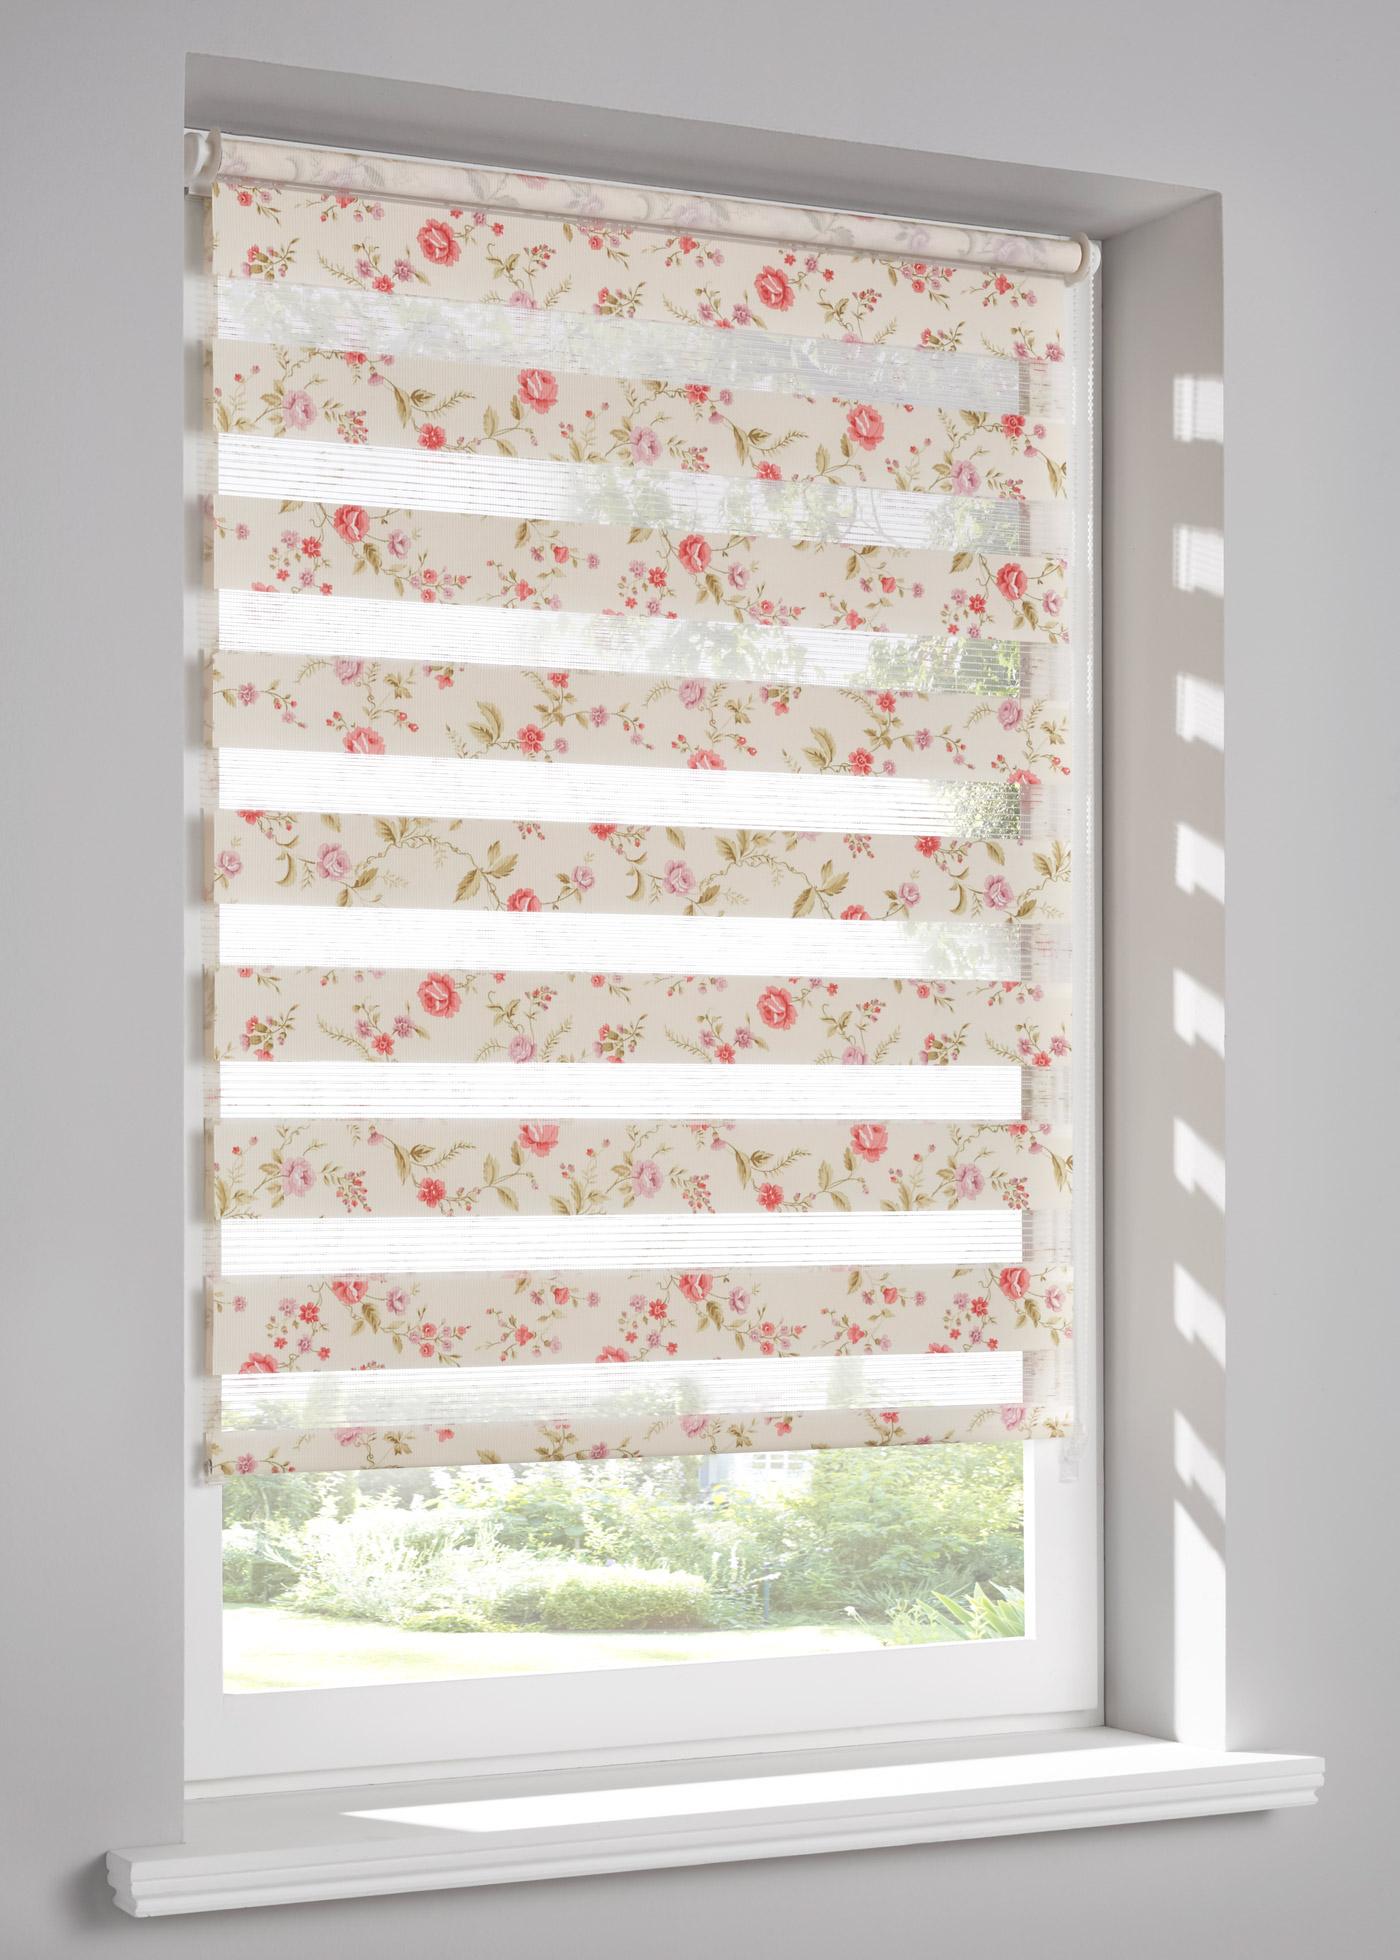 """Store double imprimé, double face, protège de la lumière sans occulter, pose facile à l""""aide de supports de fixation à clipser directement sur le cadre de la fenêtre (épaisseur de châssis jusqu""""à 1,6 cm), chaînette à droite, deux bandes de tissu"""